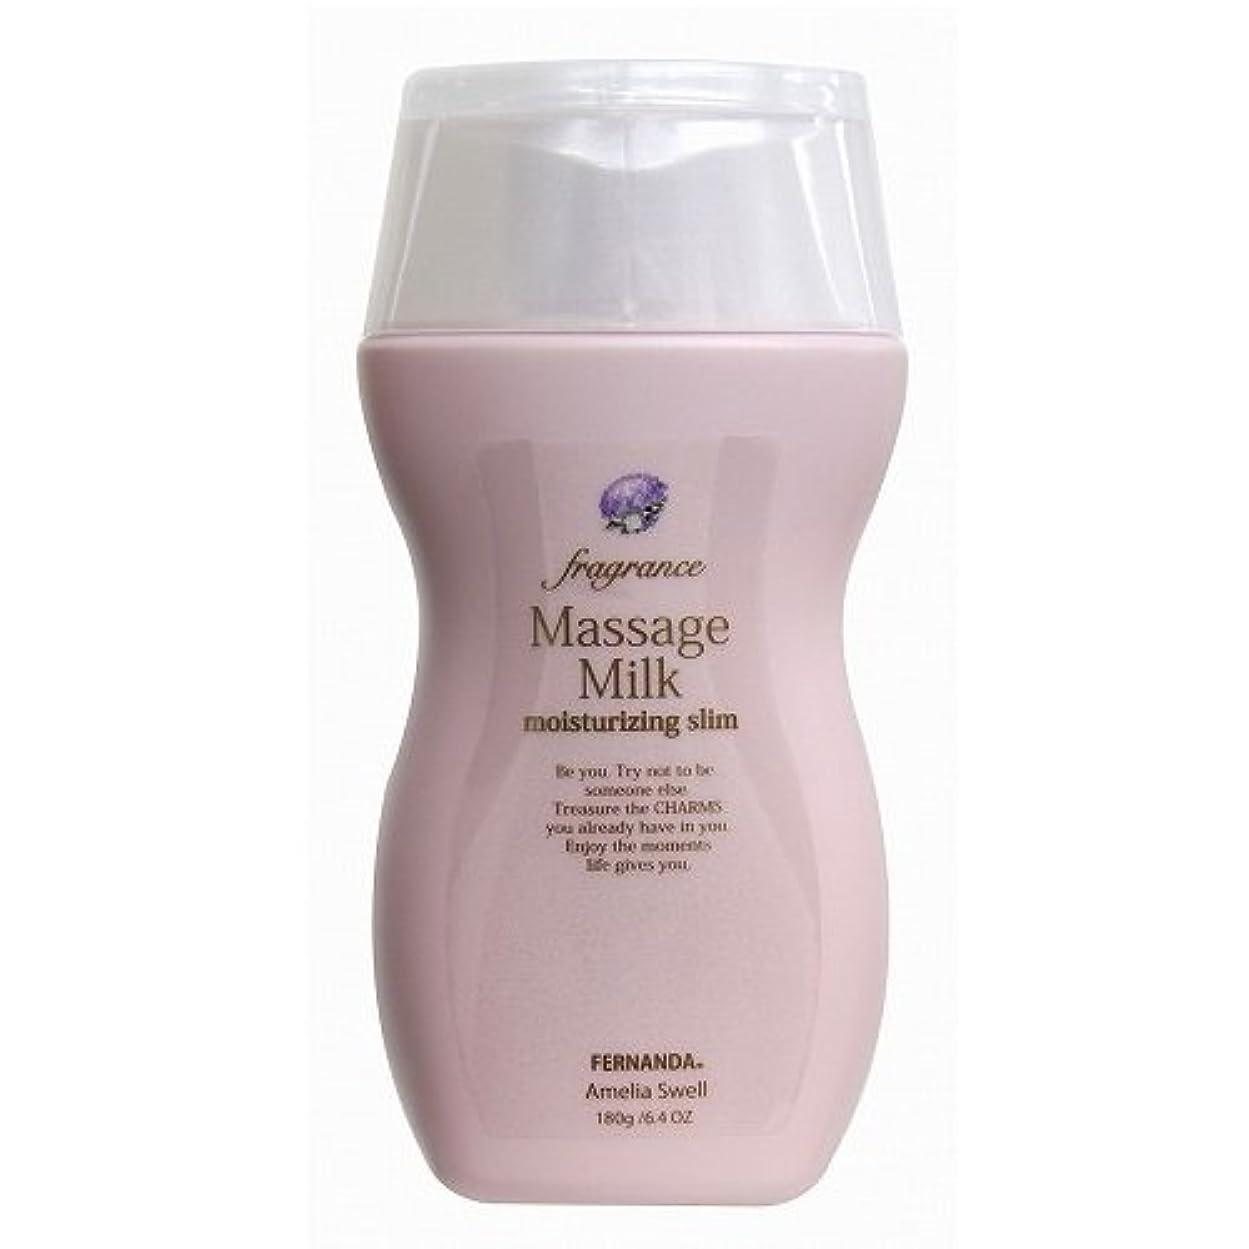 行列山積みのトラブルFERNANDA(フェルナンダ) Massage Milk Amelia Swell (マッサージミルク アメリアスウェル)